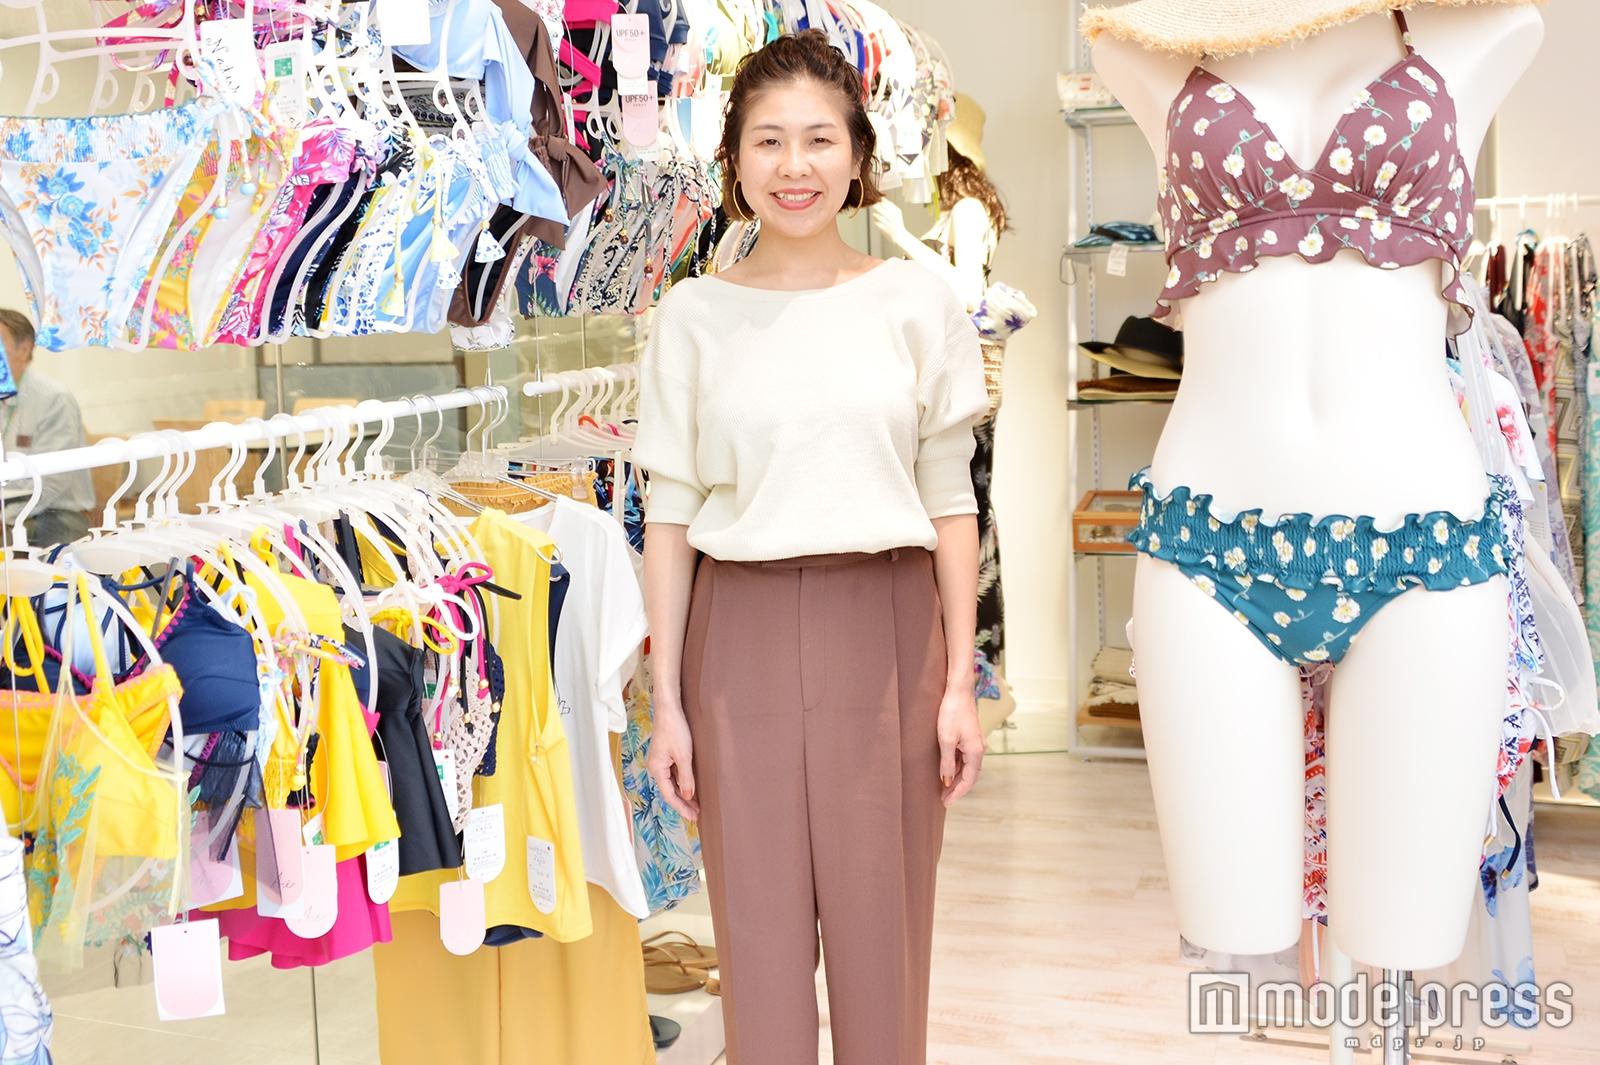 「San-ai Resort」プレスルームで取材を実施(C)モデルプレス